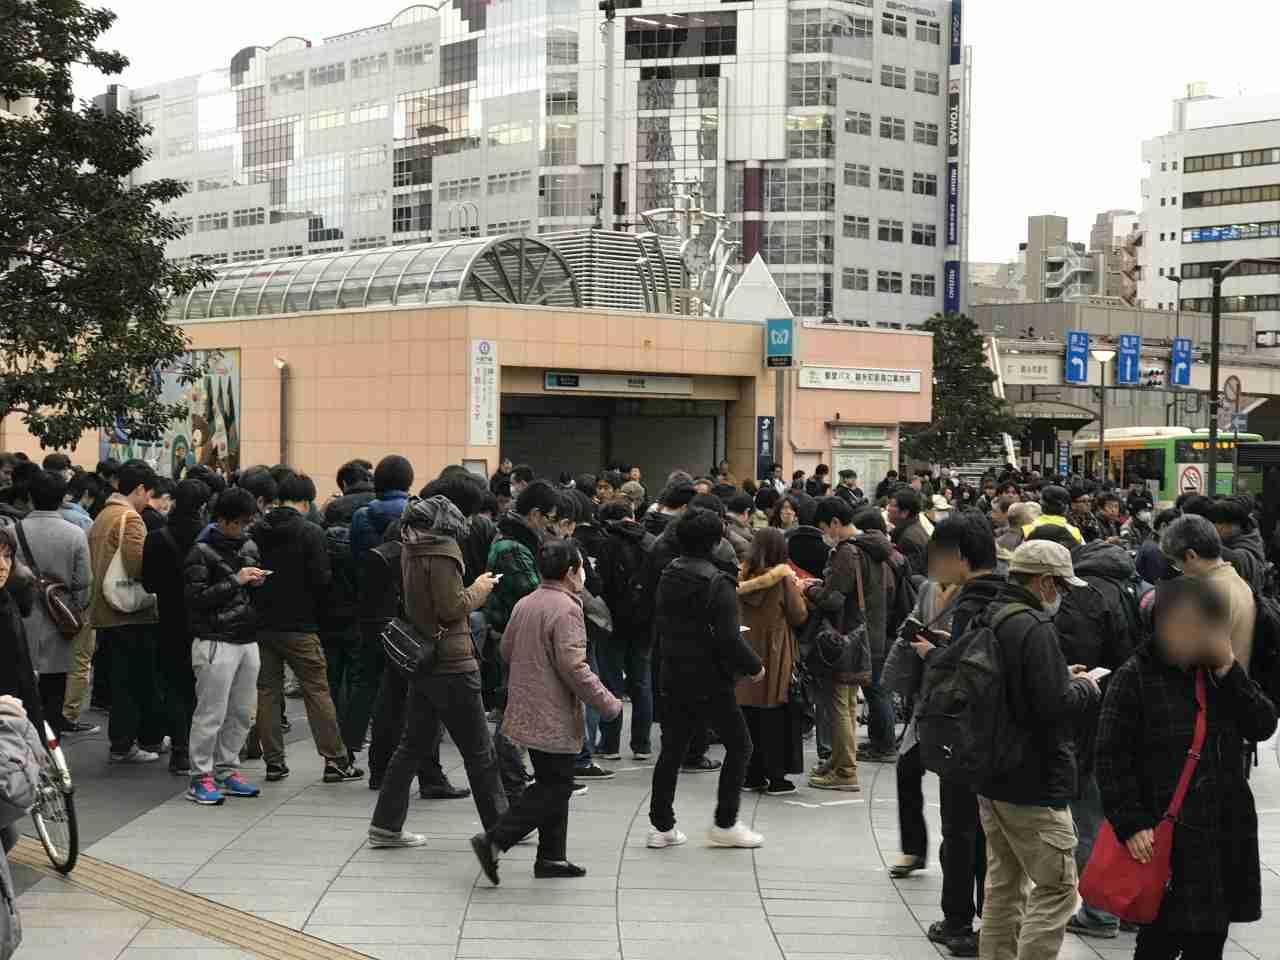 錦糸町駅前がポケモンGOプレイヤーで溢れる! 駅前だけでなく構内にまでとんでもない人の数